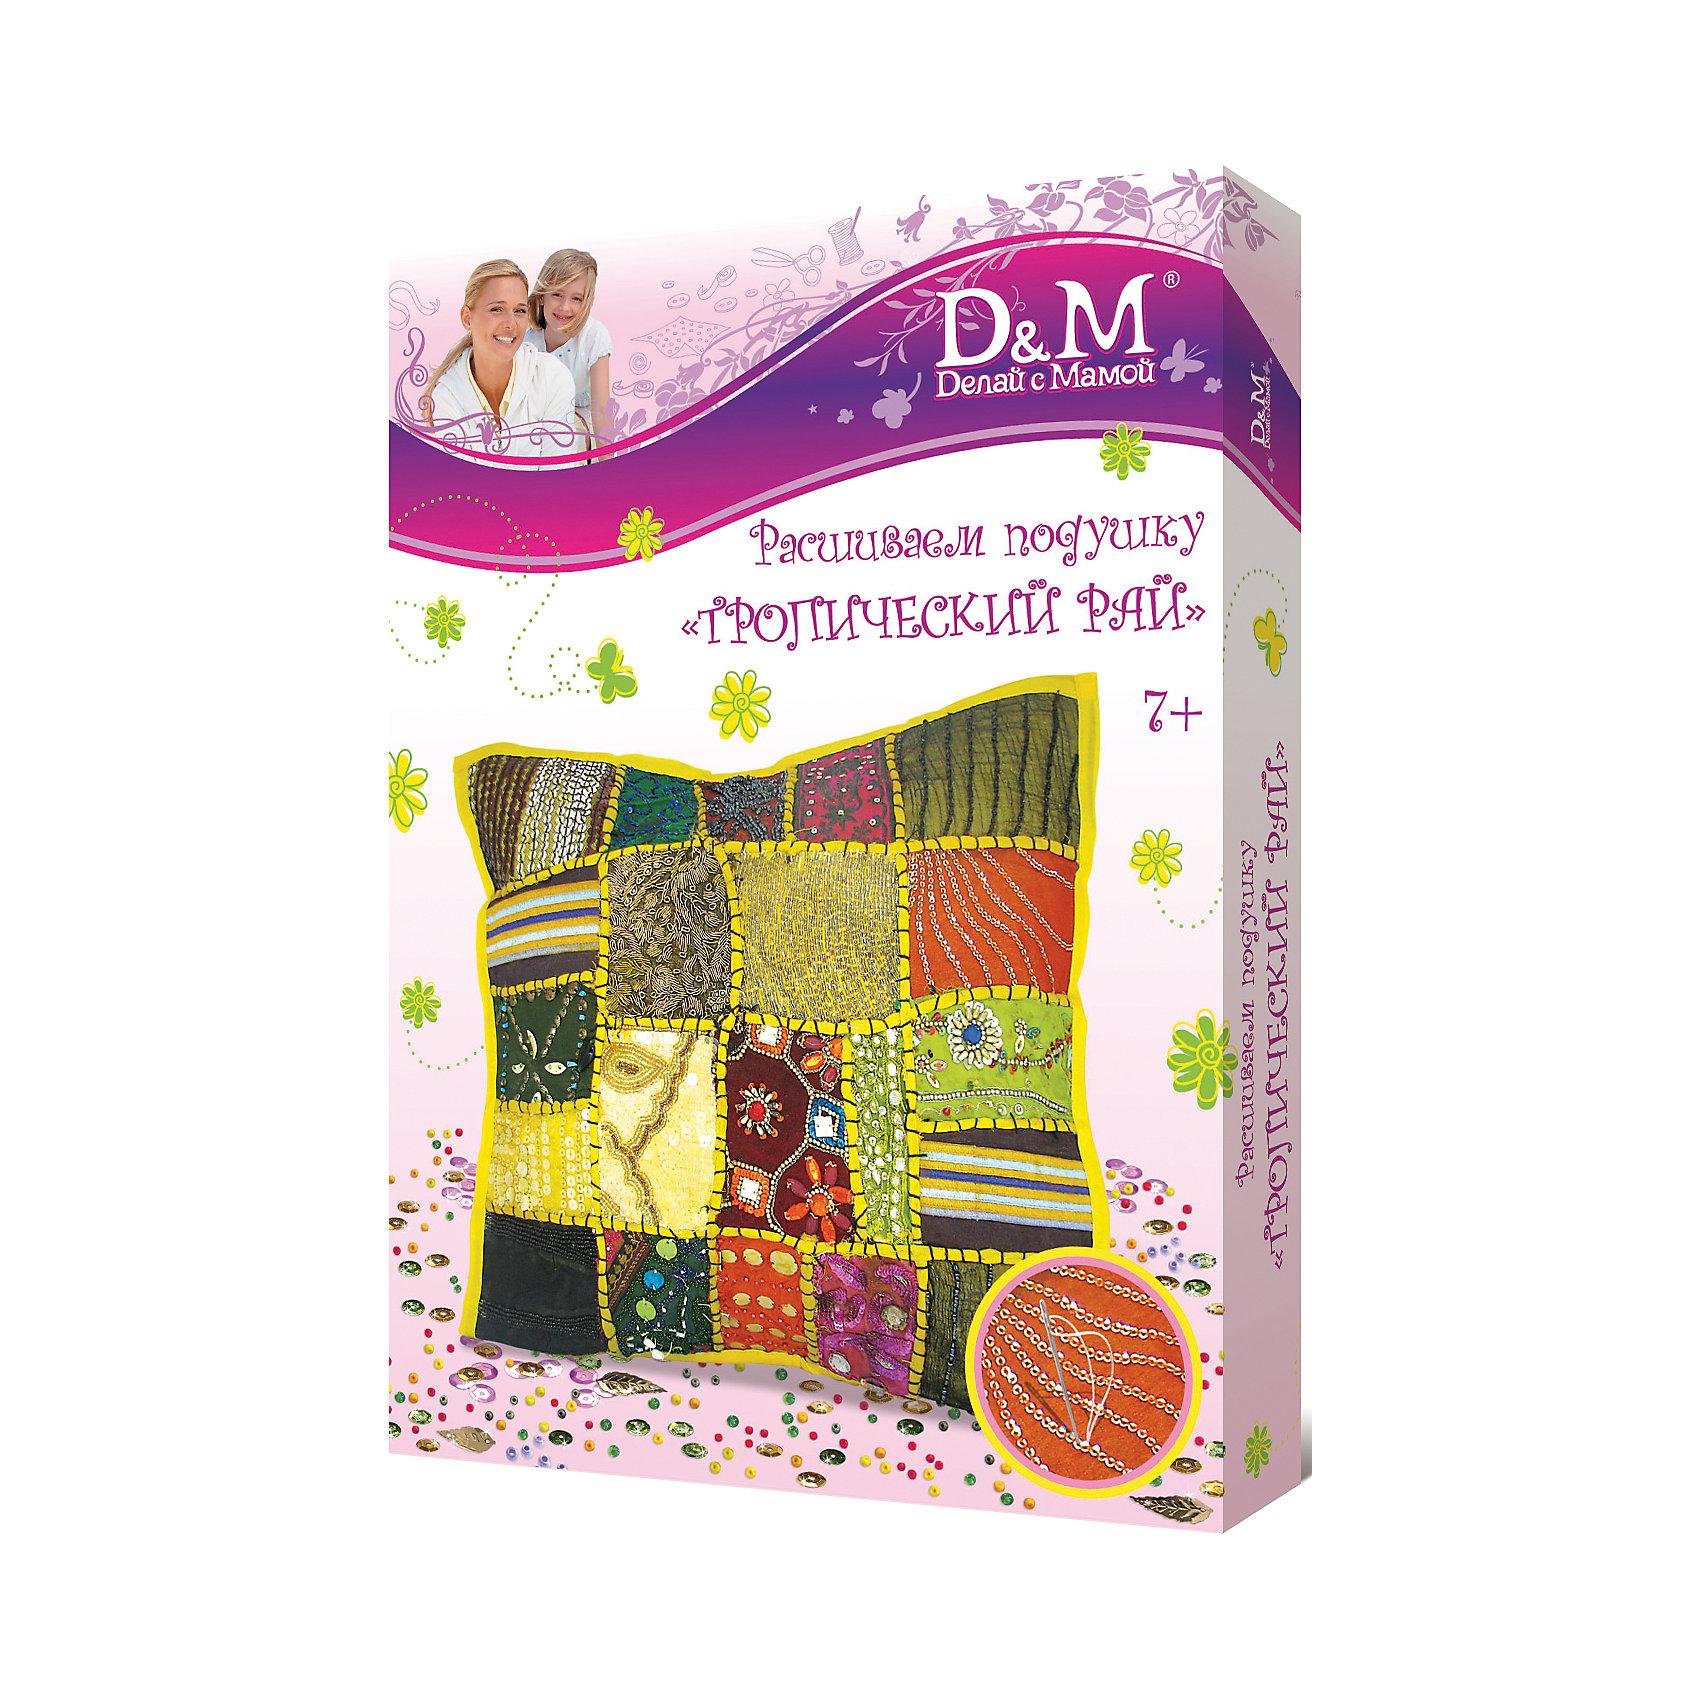 Набор для вышивания подушки Тропический райНабор для вышивания подушки Тропический рай - это отличный подарок для маленьких рукодельниц!<br>Набор для вышивания подушки Тропический рай предлагает создать замечательную наволочку на подушку, используя технику пэчворк и индийскую вышивку бисером по ткани. Разноцветные лоскутки ткани (в набор НЕ входят) пришиваются на наволочку, а затем расшиваются разноцветным бисером, сверкающими пайетками. Декоративным шнуром можно сделать окантовку наволочки или расшить по границам квадратных лоскутков, чтобы спрятать швы. Подушка в расшитой своими руками наволочке украсит любой интерьер, придав ему неповторимый стиль.<br><br>Дополнительная информация:<br><br>- В наборе: наволочка 40х40 см.; 8 пакетиков с пайетками и бисером; шнур, подробная инструкция<br>- Размер упаковки: 250x180x30 мм.<br>- Вес: 182 гр.<br><br>Набор для вышивания подушки Тропический рай можно купить в нашем интернет-магазине.<br><br>Ширина мм: 180<br>Глубина мм: 40<br>Высота мм: 250<br>Вес г: 208<br>Возраст от месяцев: 84<br>Возраст до месяцев: 2147483647<br>Пол: Женский<br>Возраст: Детский<br>SKU: 4564007